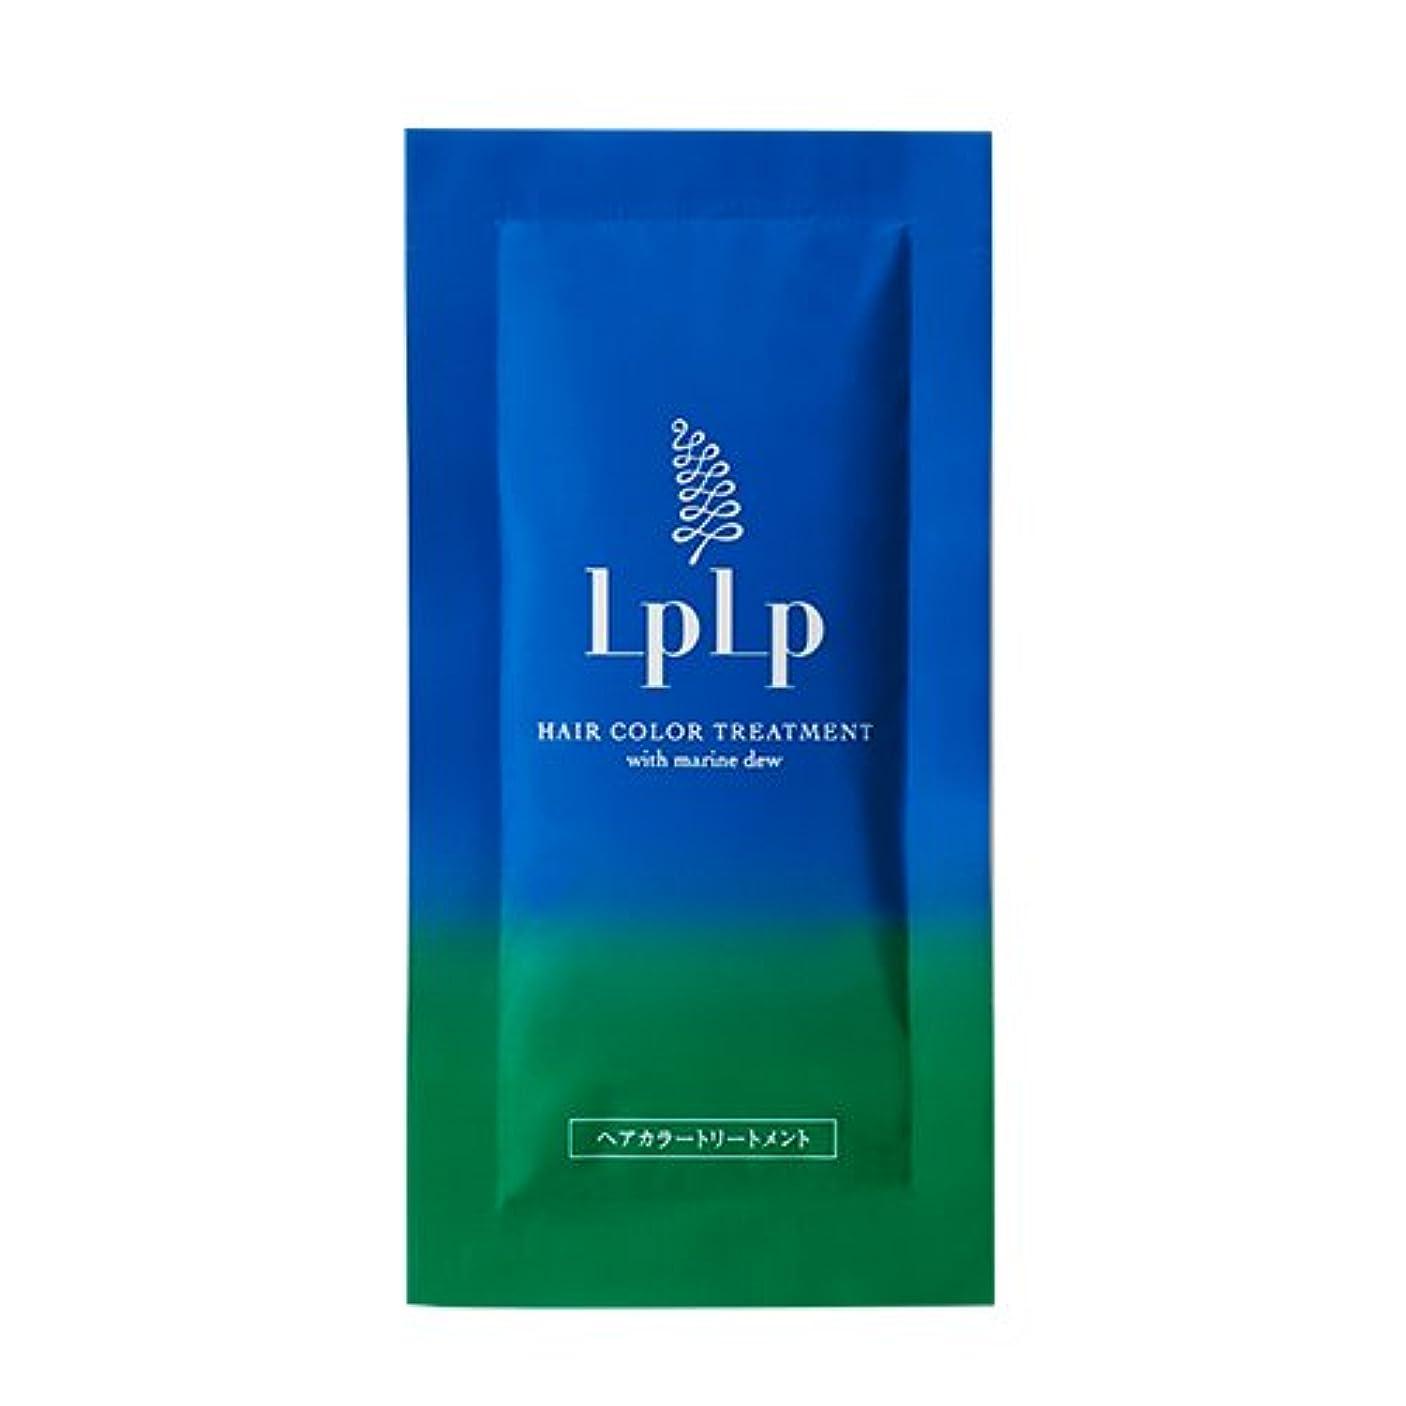 時間とともに荒らす放送LPLP(ルプルプ)ヘアカラートリートメントお試しパウチ ブラウン